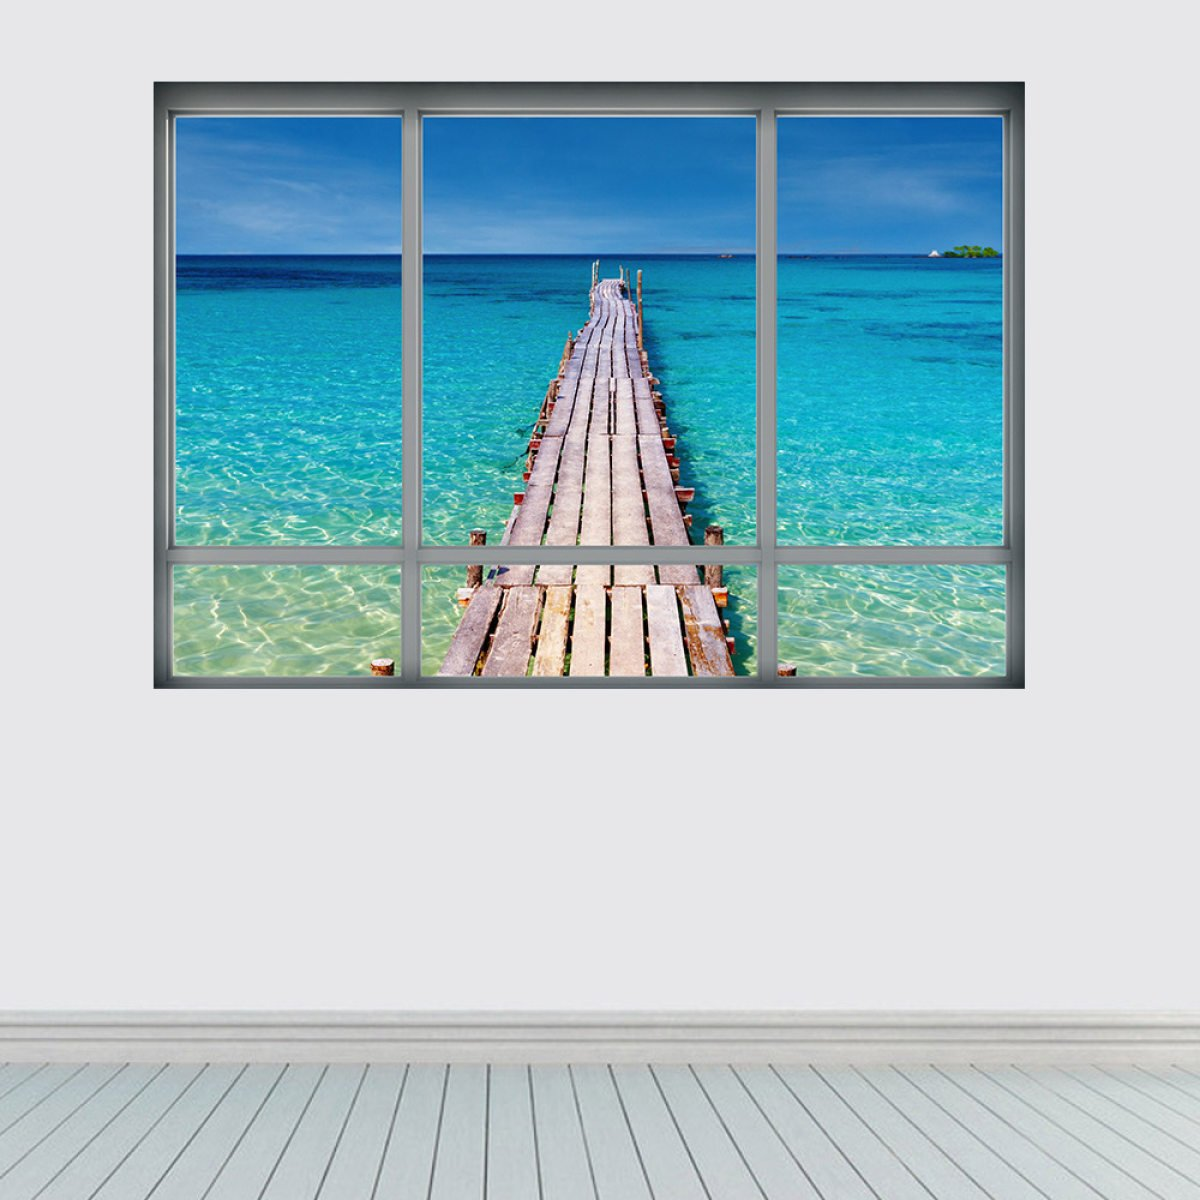 HKKIJIN Ventanas Falsas Creativas 3D Visió n De La Playa Decoració n Del Dormitorio De La Sala De Estar PVC Autoadhesivo Impermeable Desprendible huzhichao